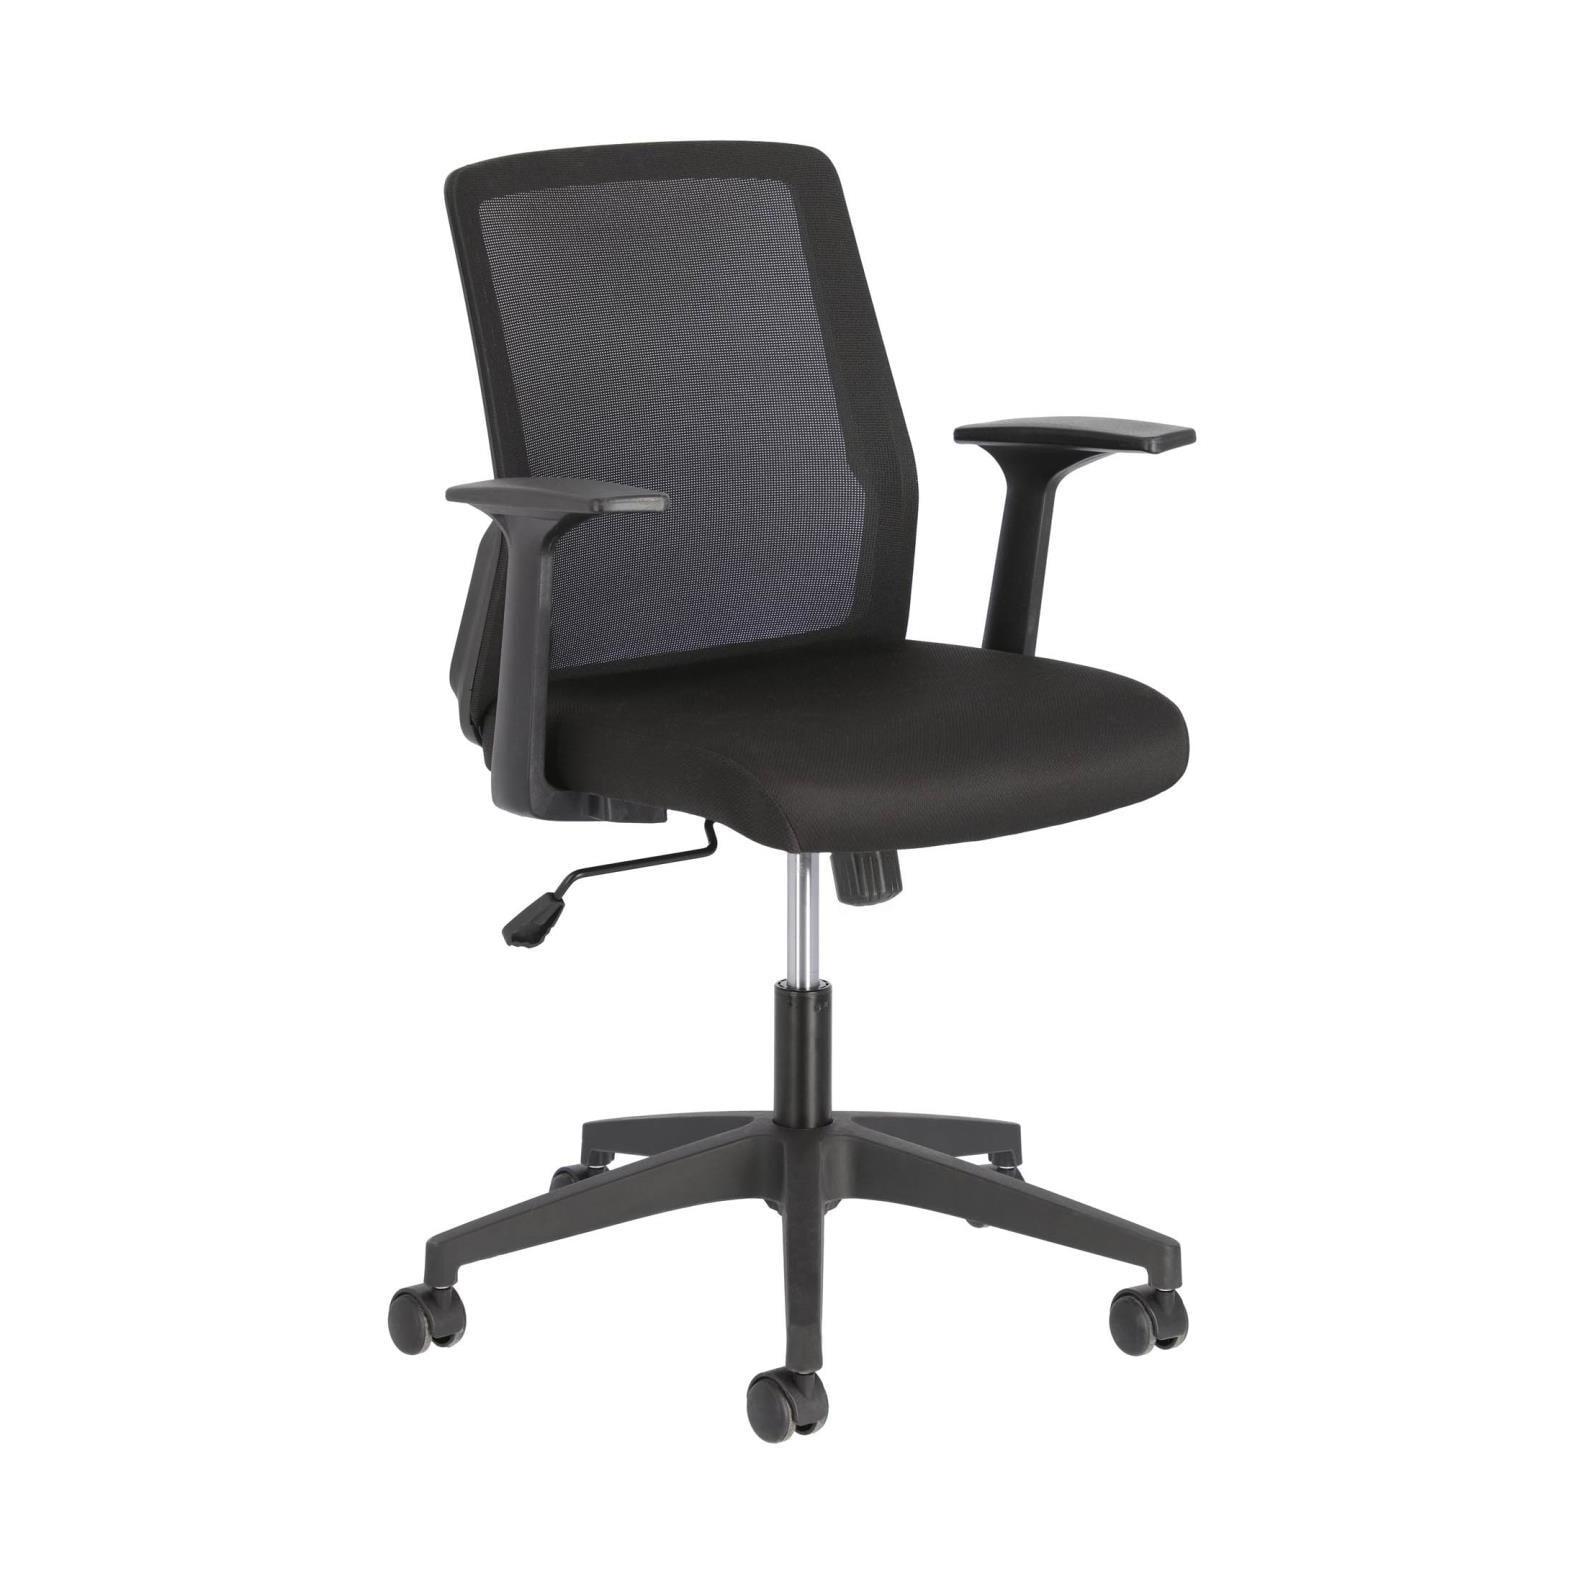 Kave Home Bureaustoel 'Nasia', kleur Zwart